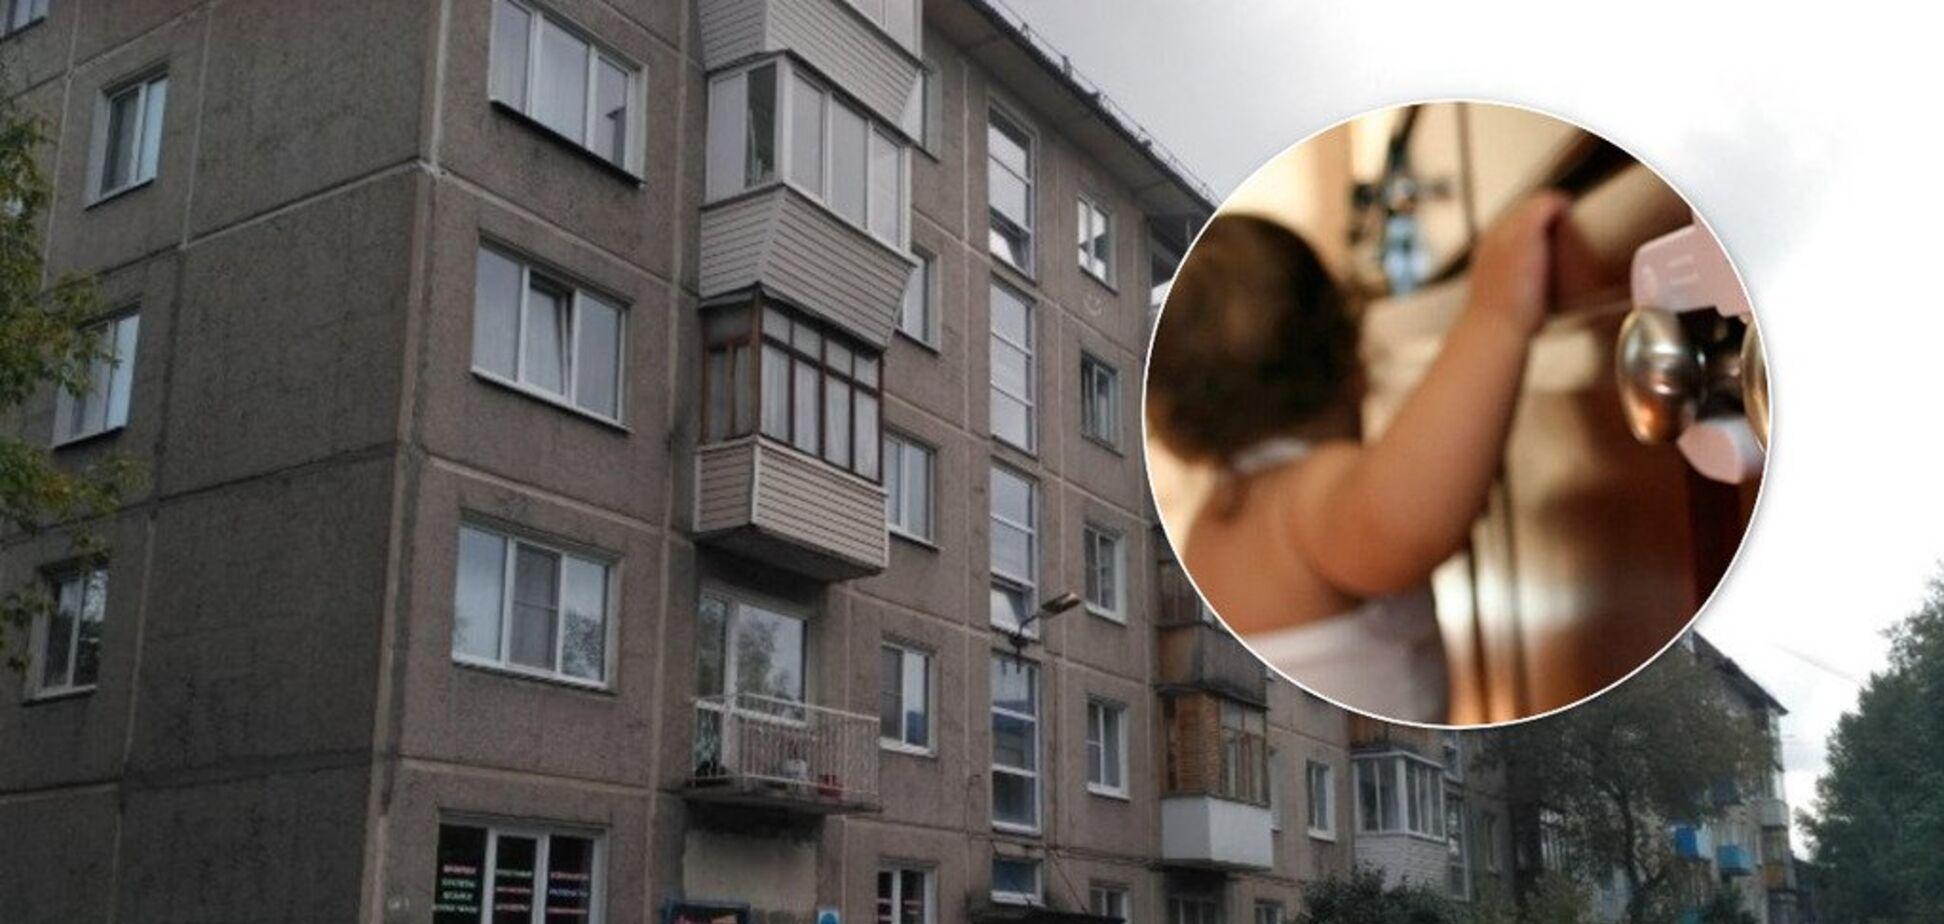 Мати закрила і пішла на 3 дні: в Росії рятувальники вирізали з квартири трьох дітей